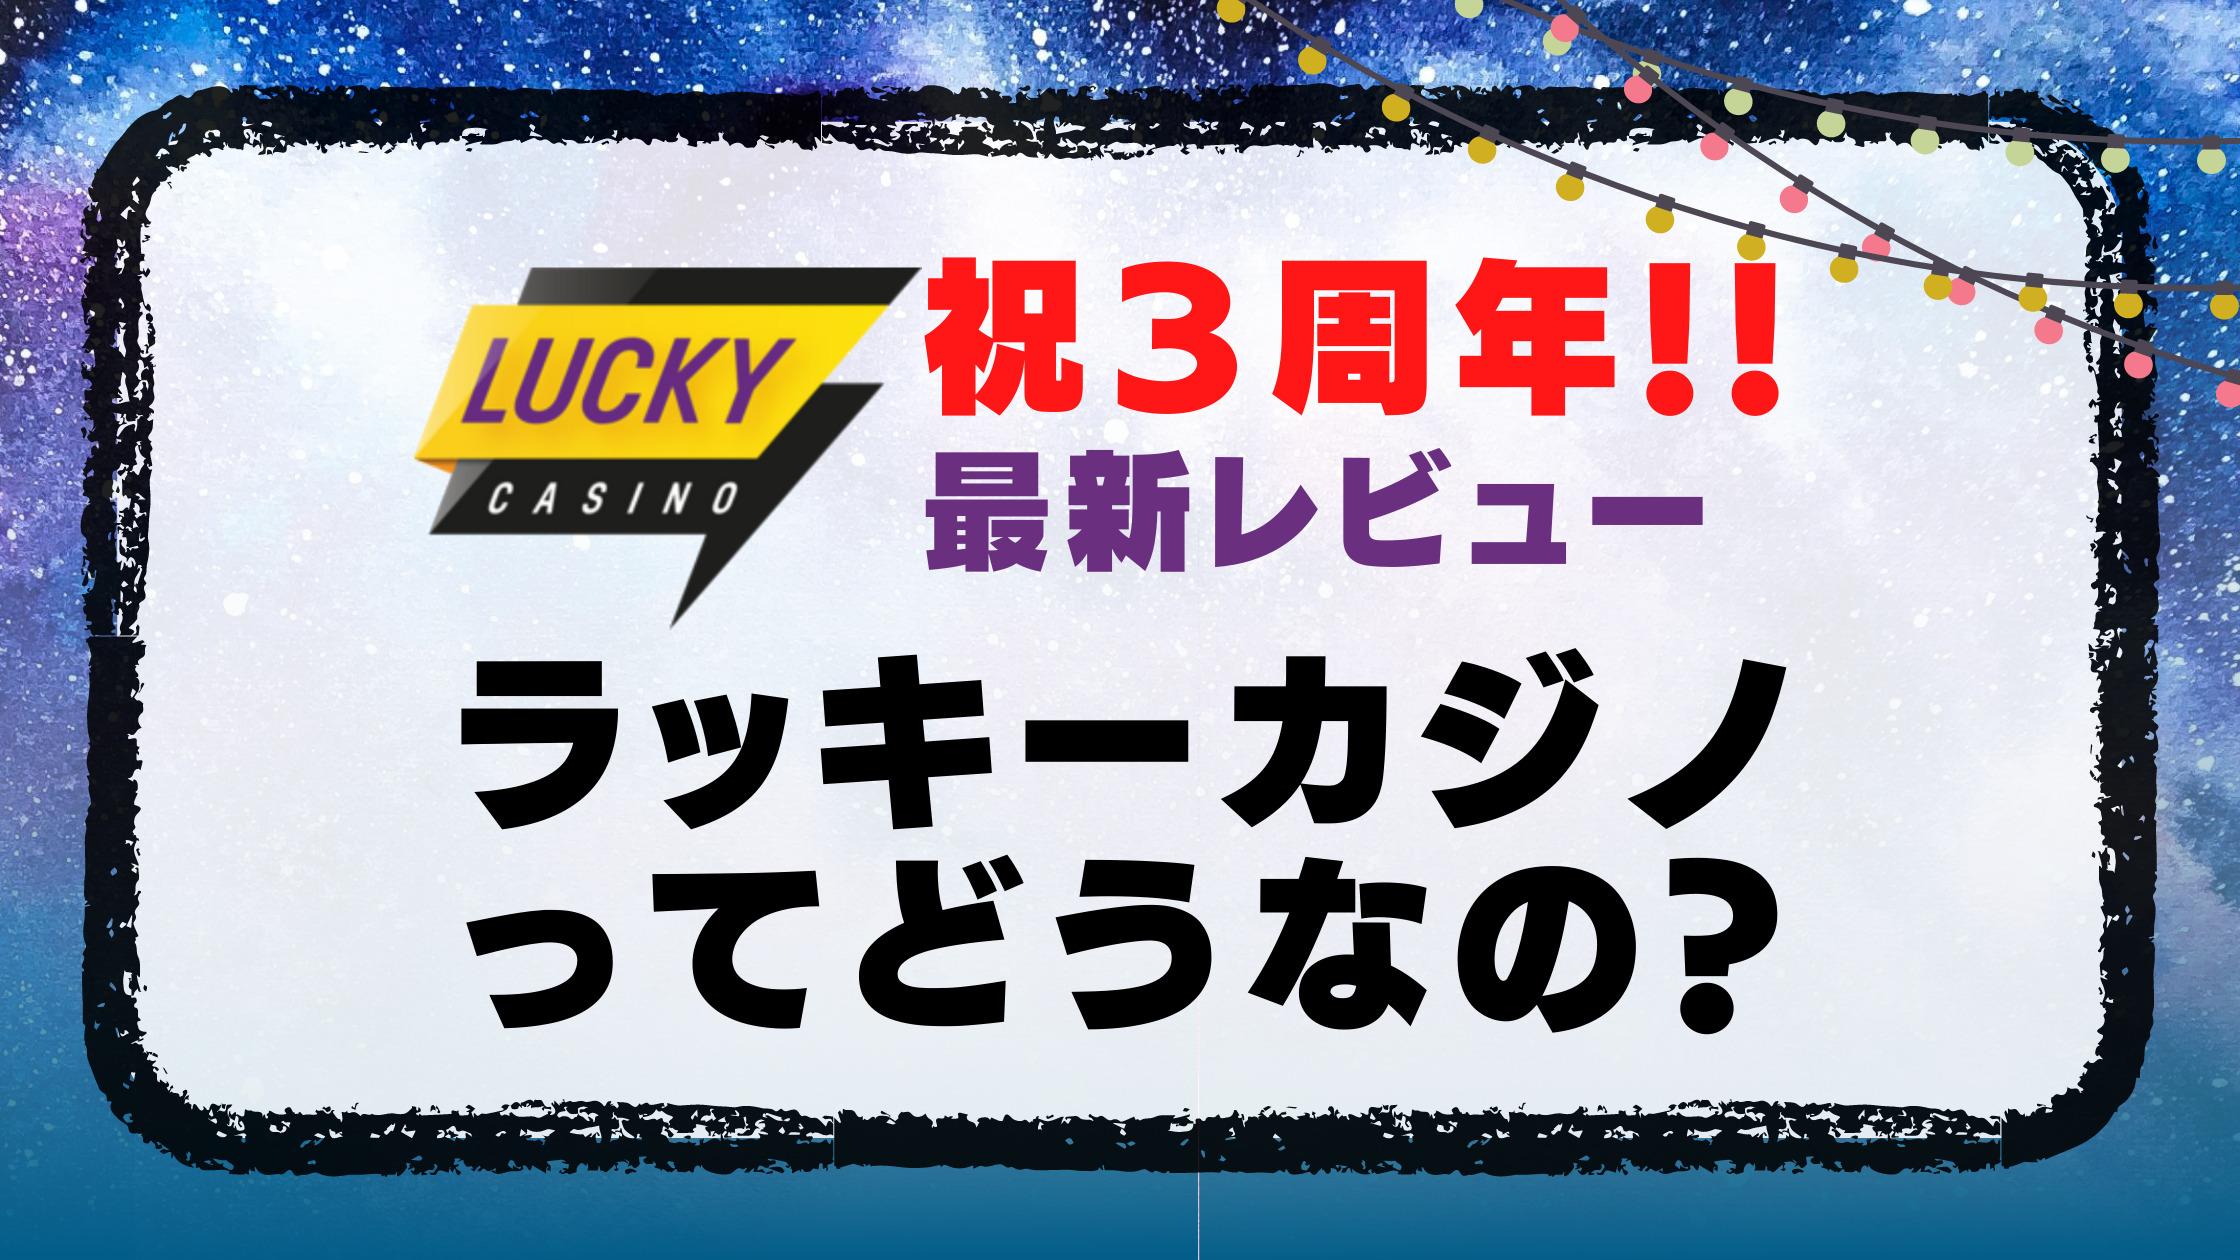 【ラッキーカジノ】3周年を記念してどんなカジノなのかサクッとおさらい!